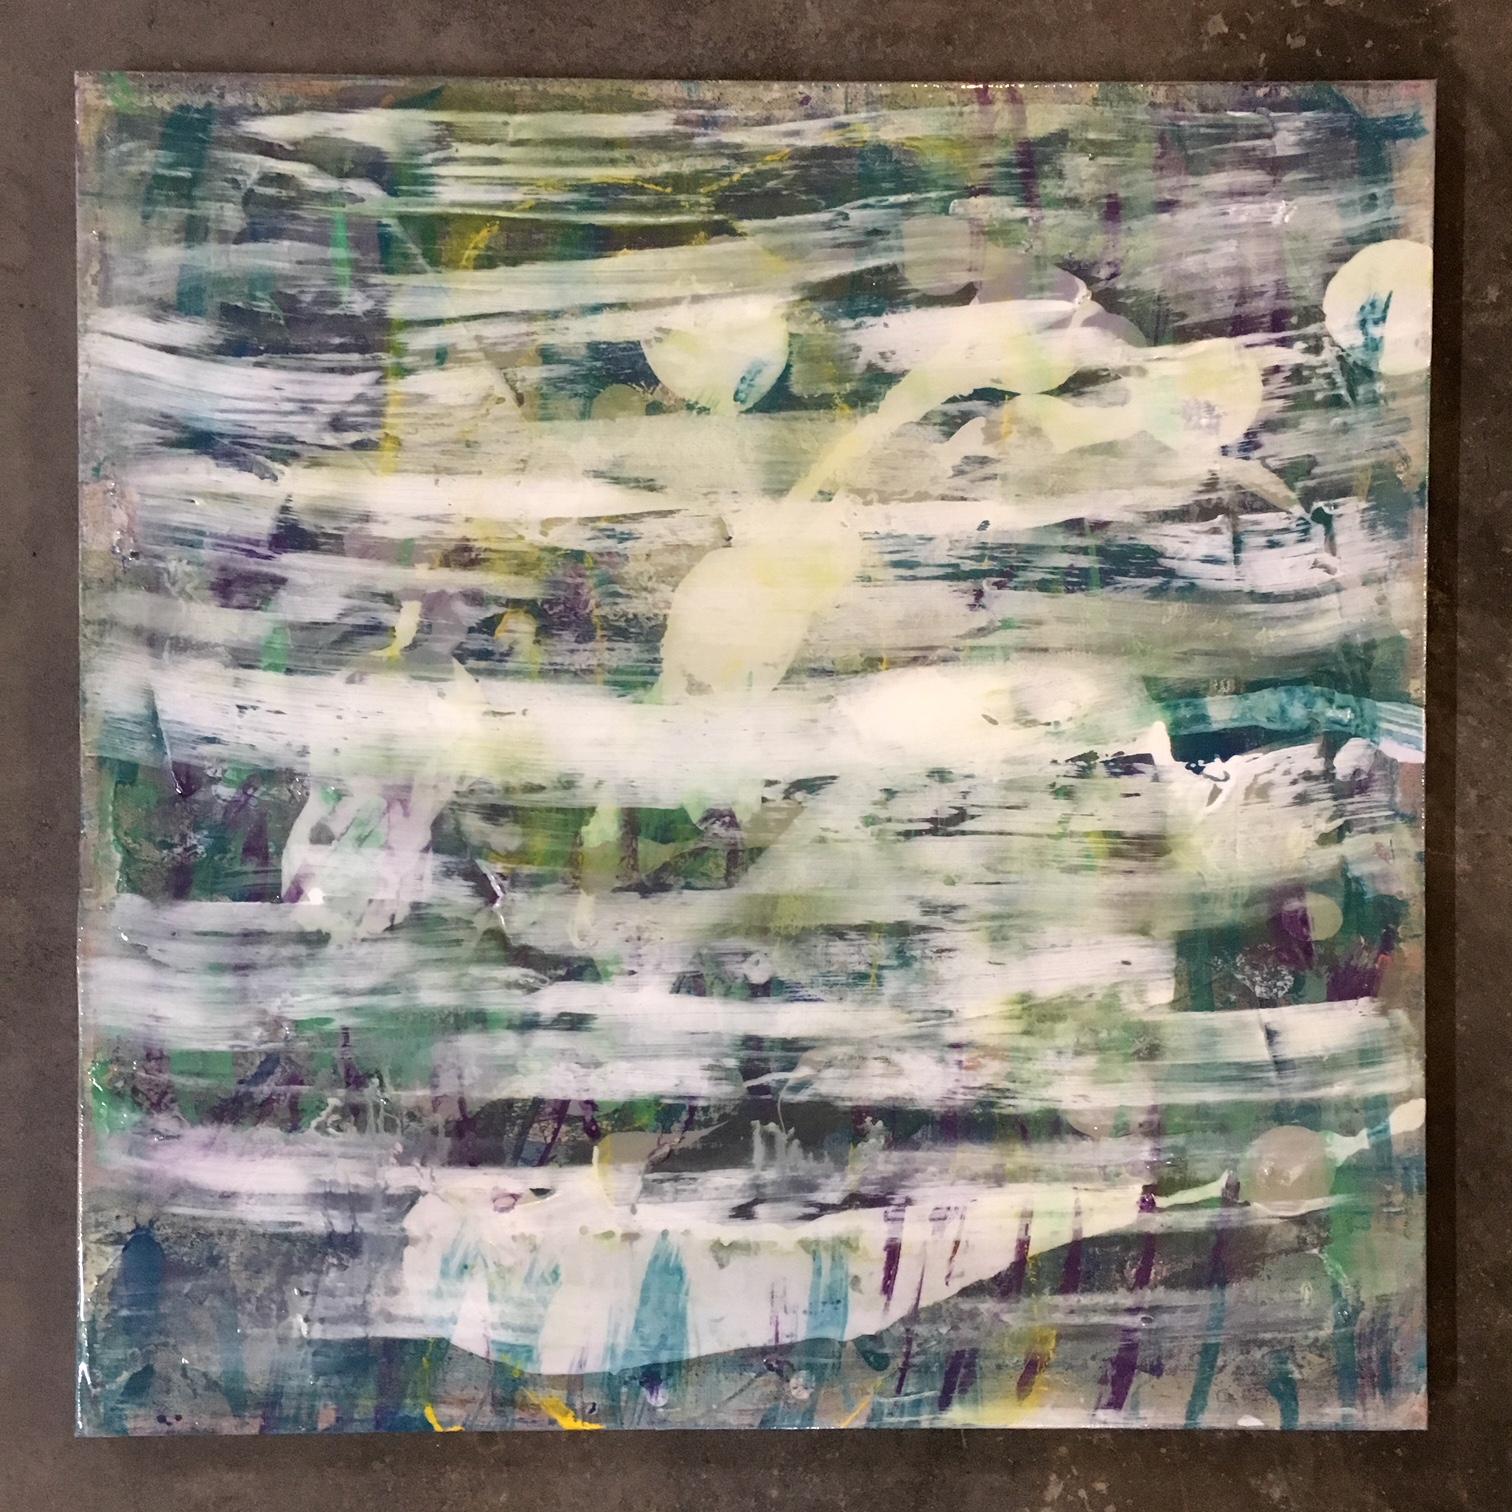 Jeanne-Guay-The-Moon-Wind